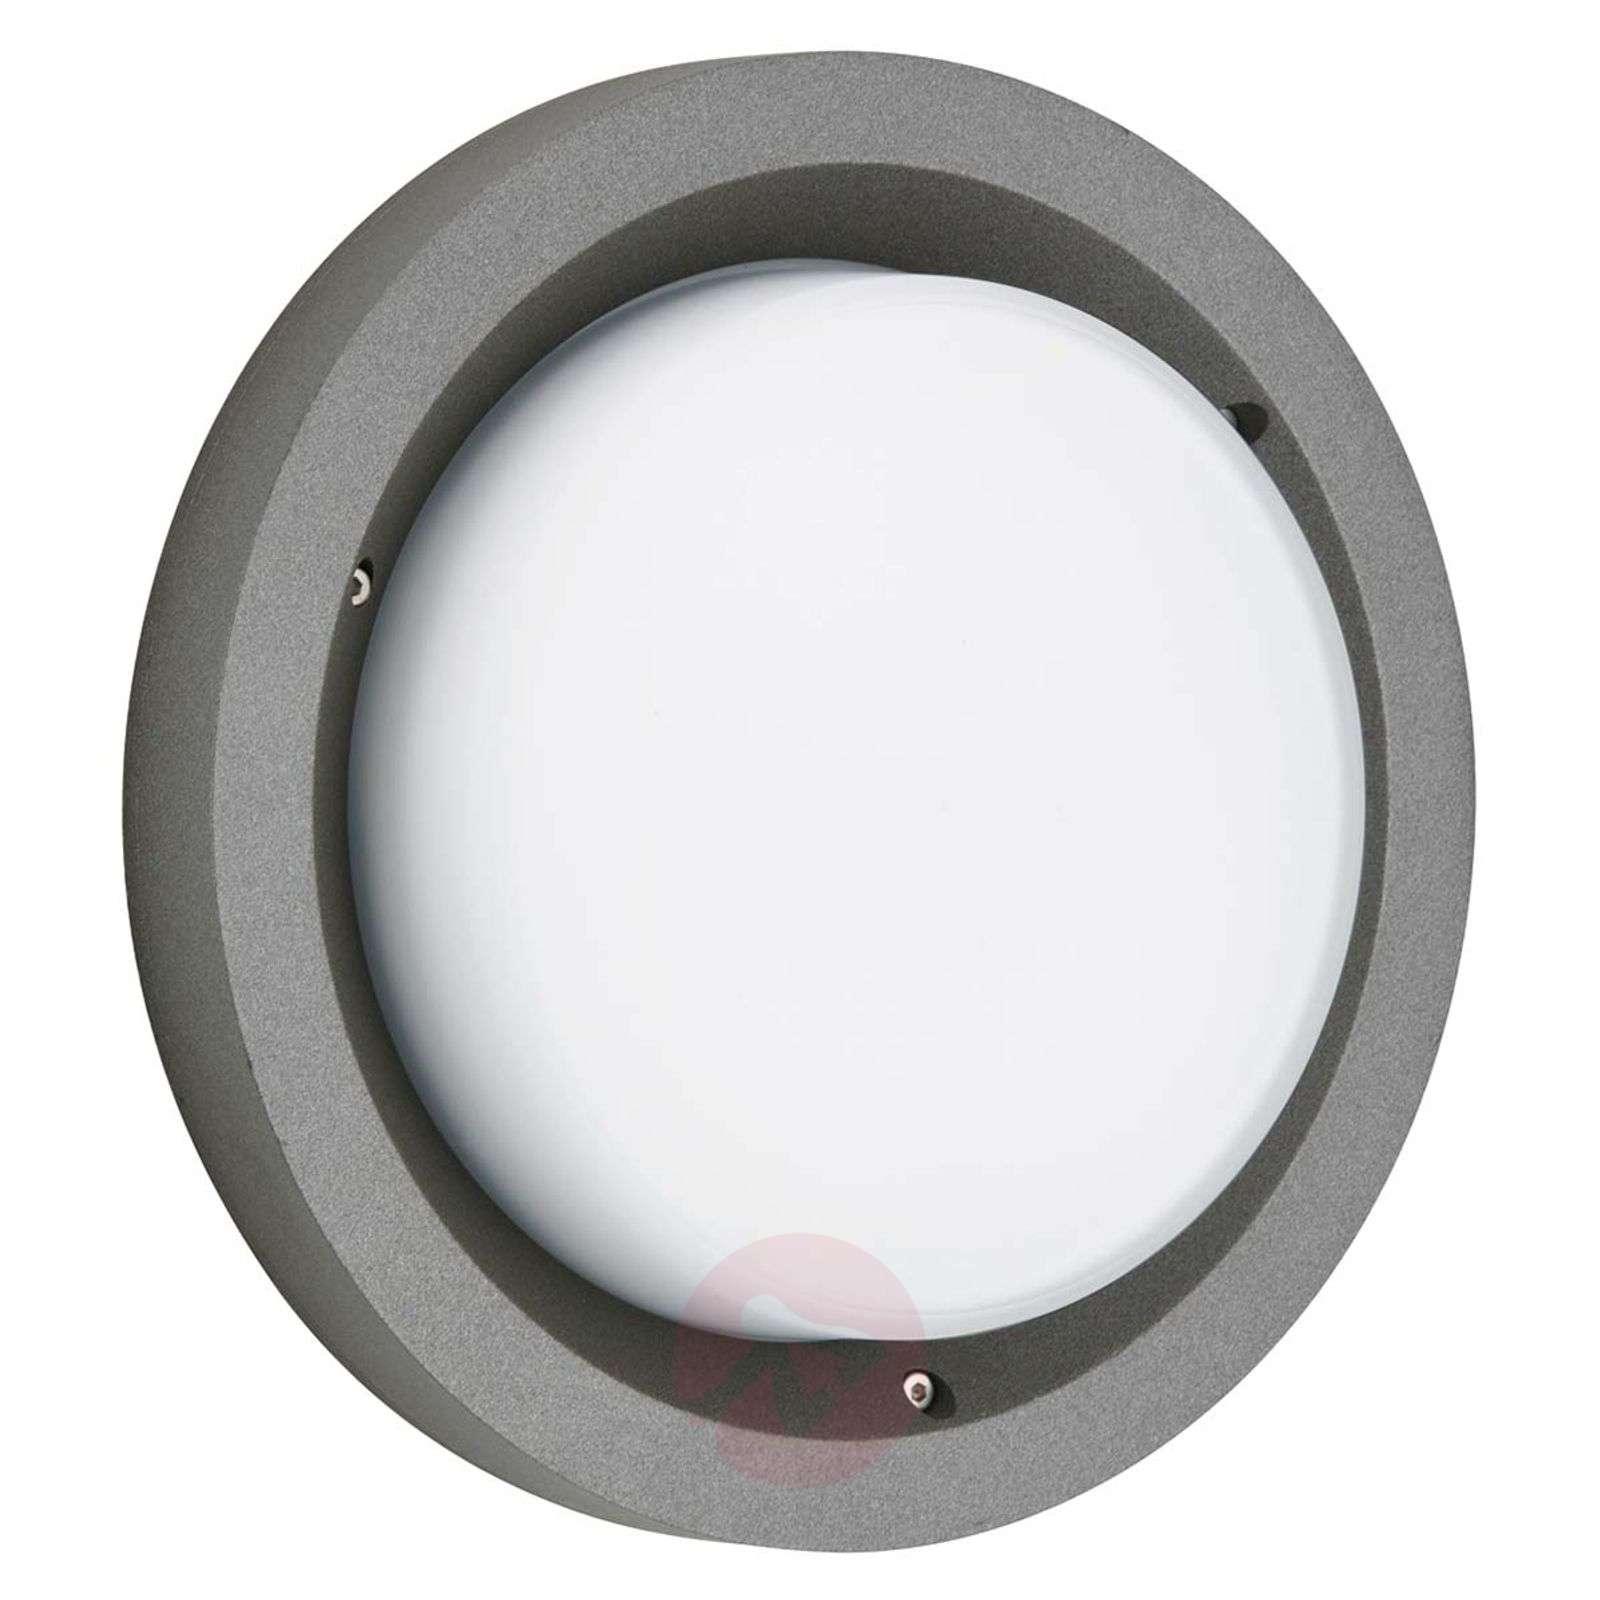 Pakuna-seinävalaisin LEDeillä ulkokäyttöön-4000355-01